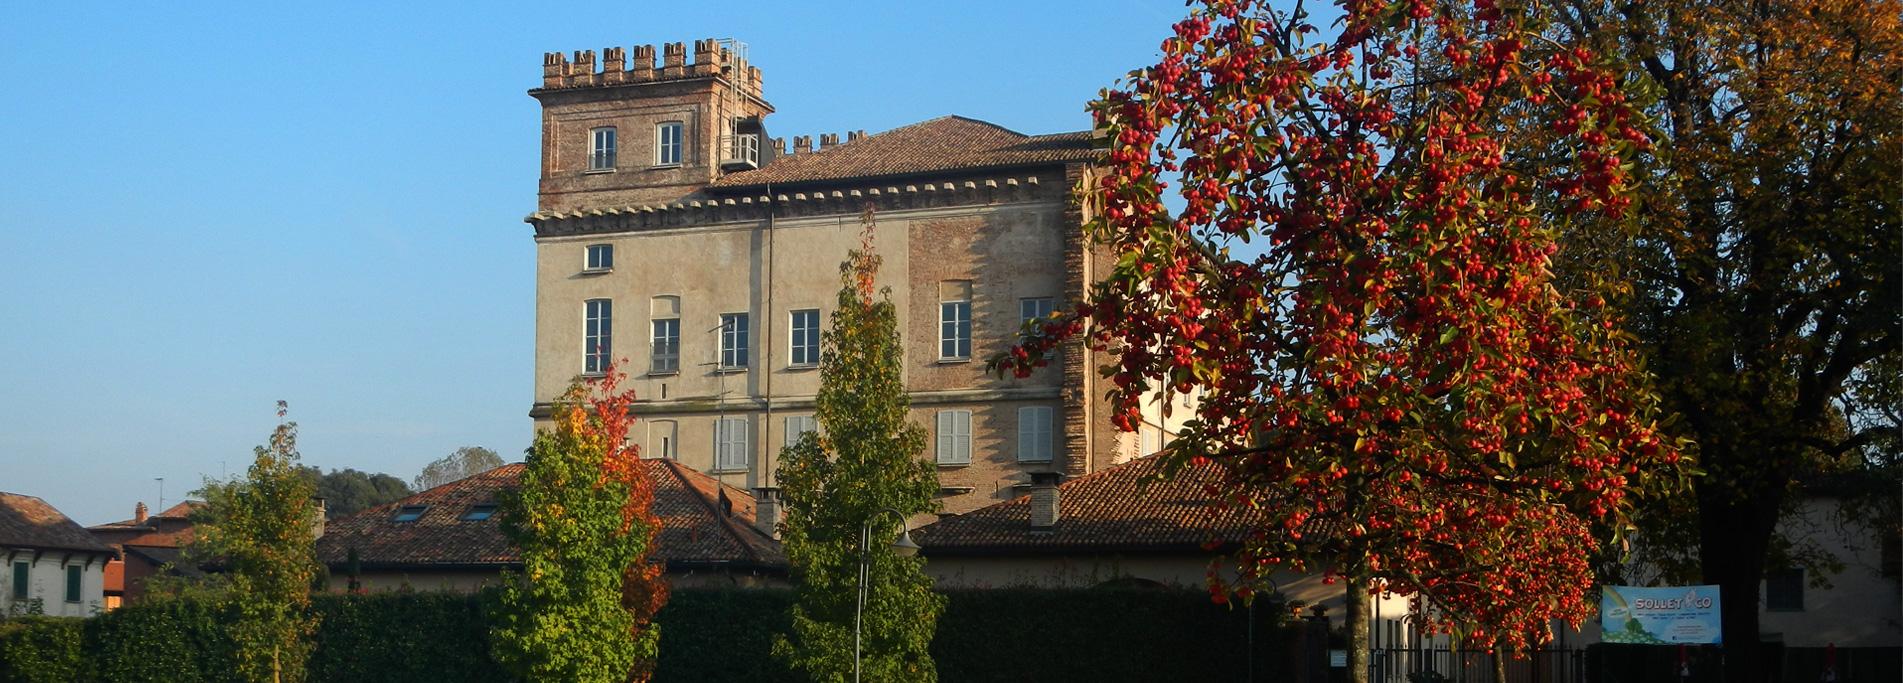 Palazzo Archinto o Castello di Robecco sul Naviglio